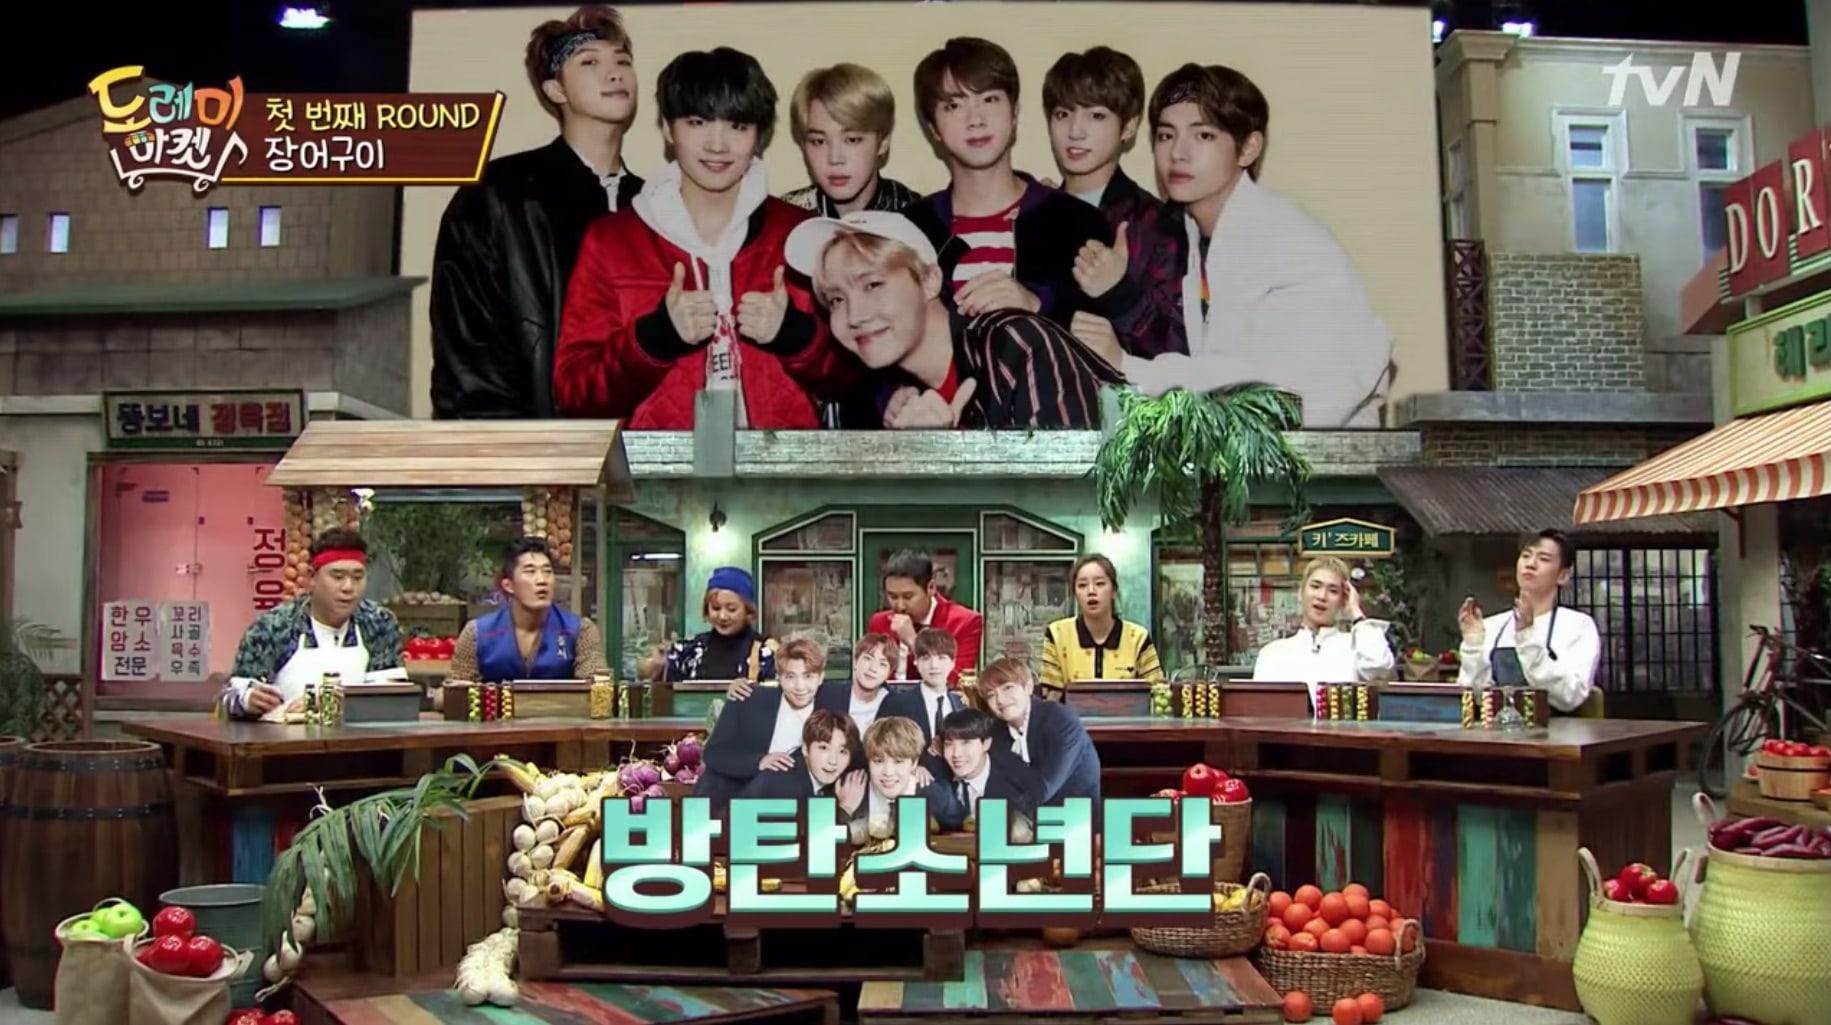 """El reparto de """"Do Re Mi Market"""" adivina la letra de canciones de K-Pop de BTS, Bolbbalgan4 y SEVENTEEN"""